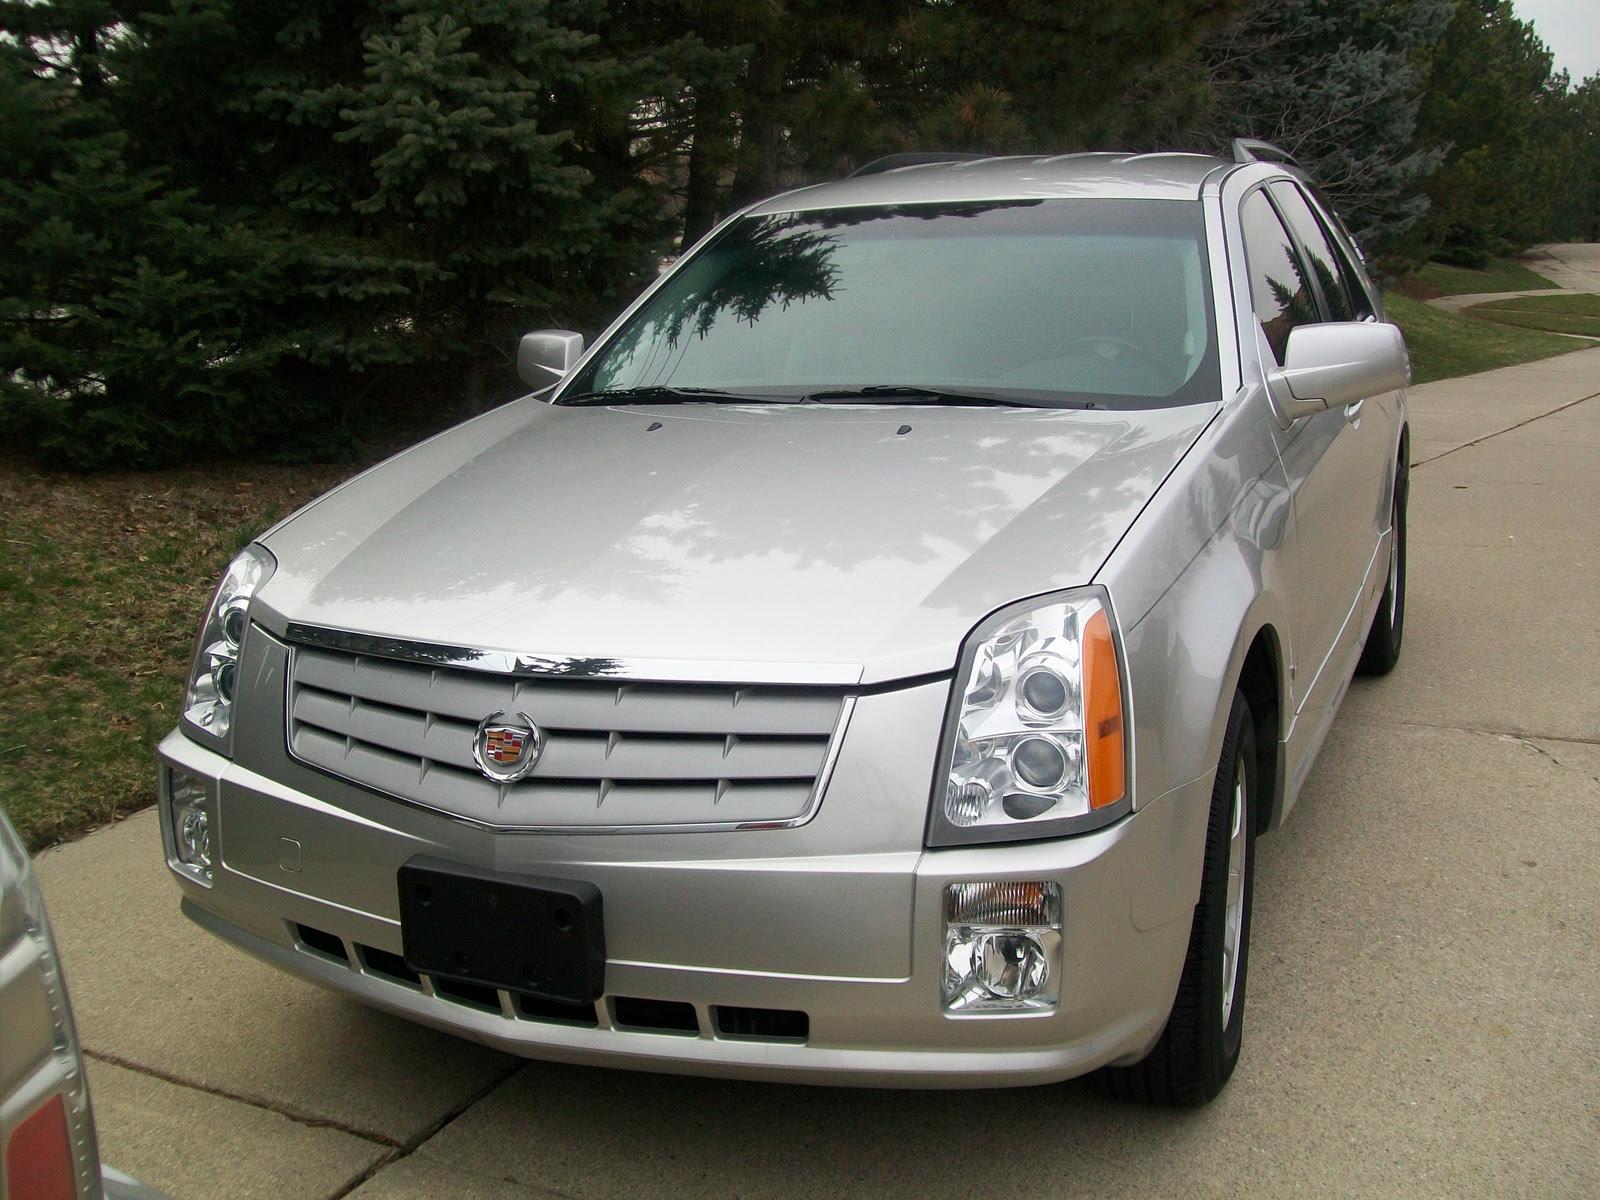 2008 Cadillac SRX - Pictures - CarGurus